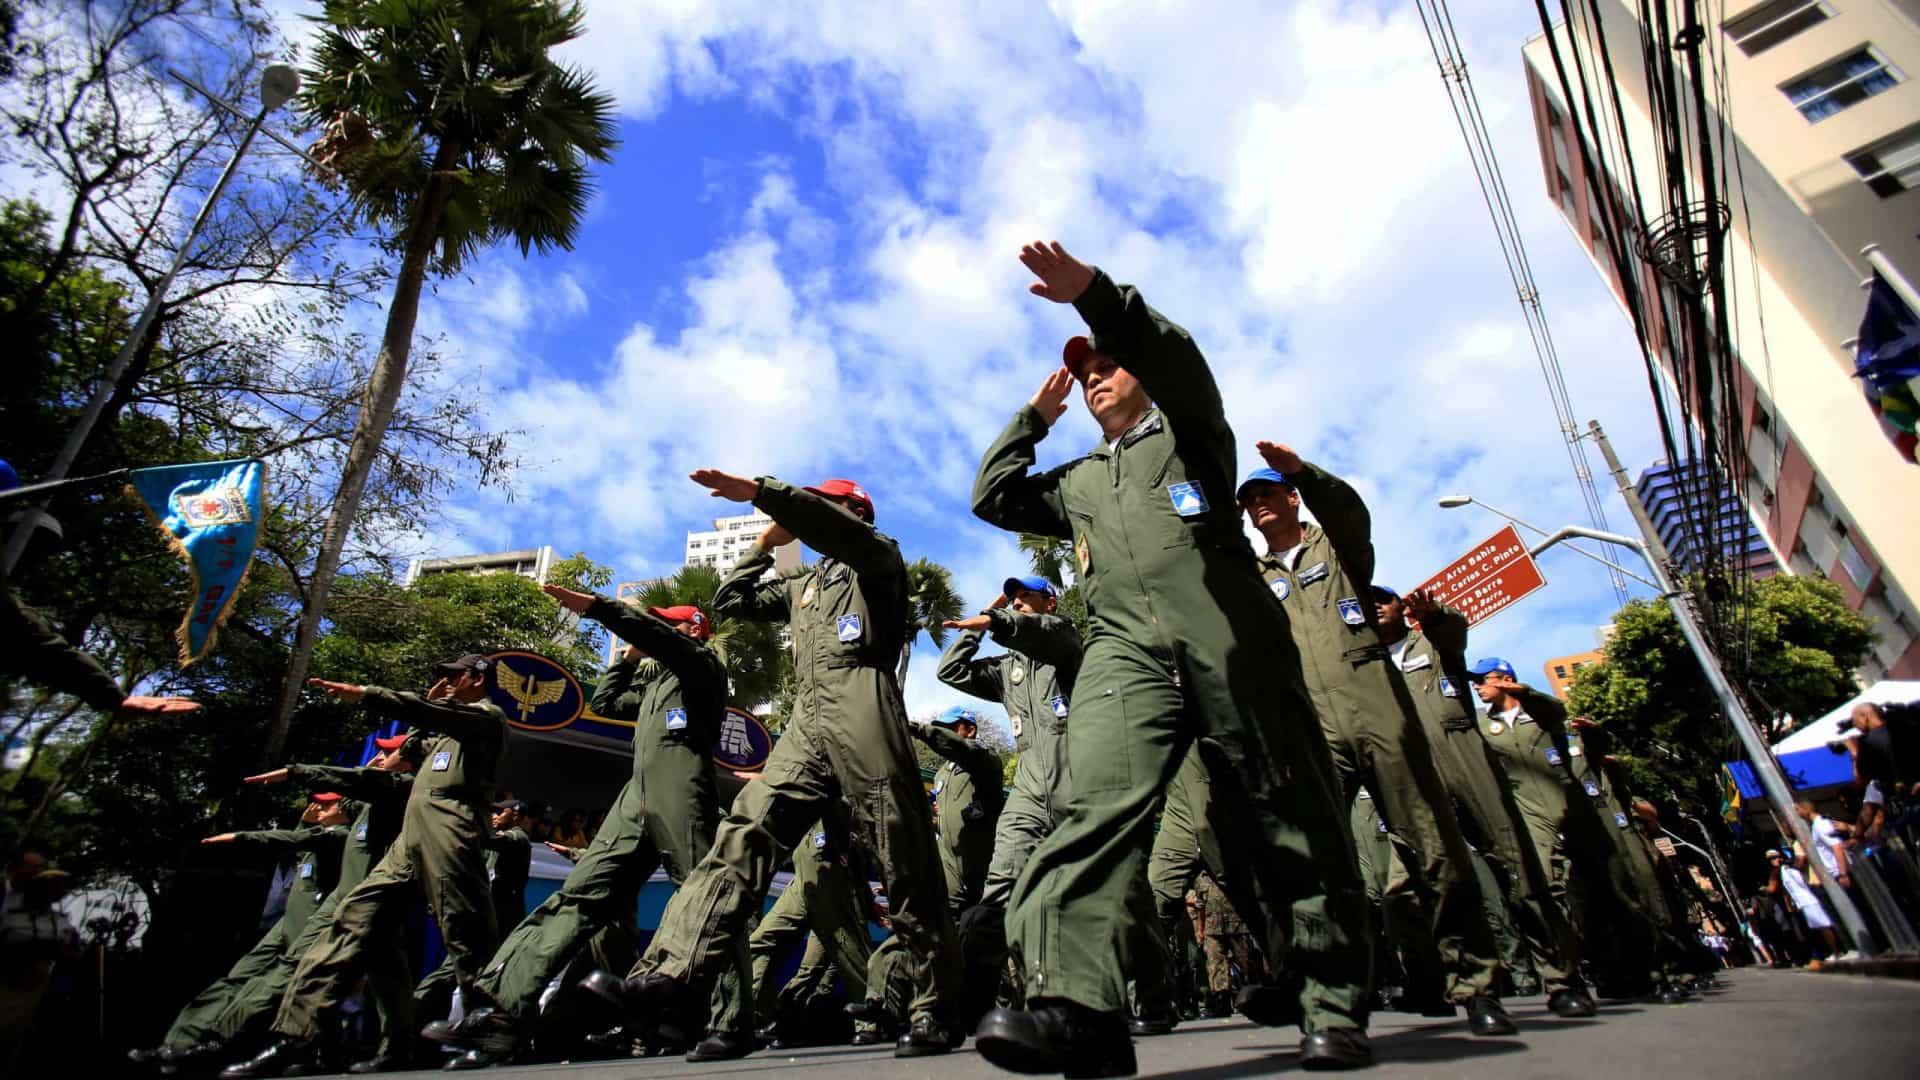 Para Bolsonaro, Forças Armadas podem ser aliadas na vacinação (Crédito: Shutterstock)